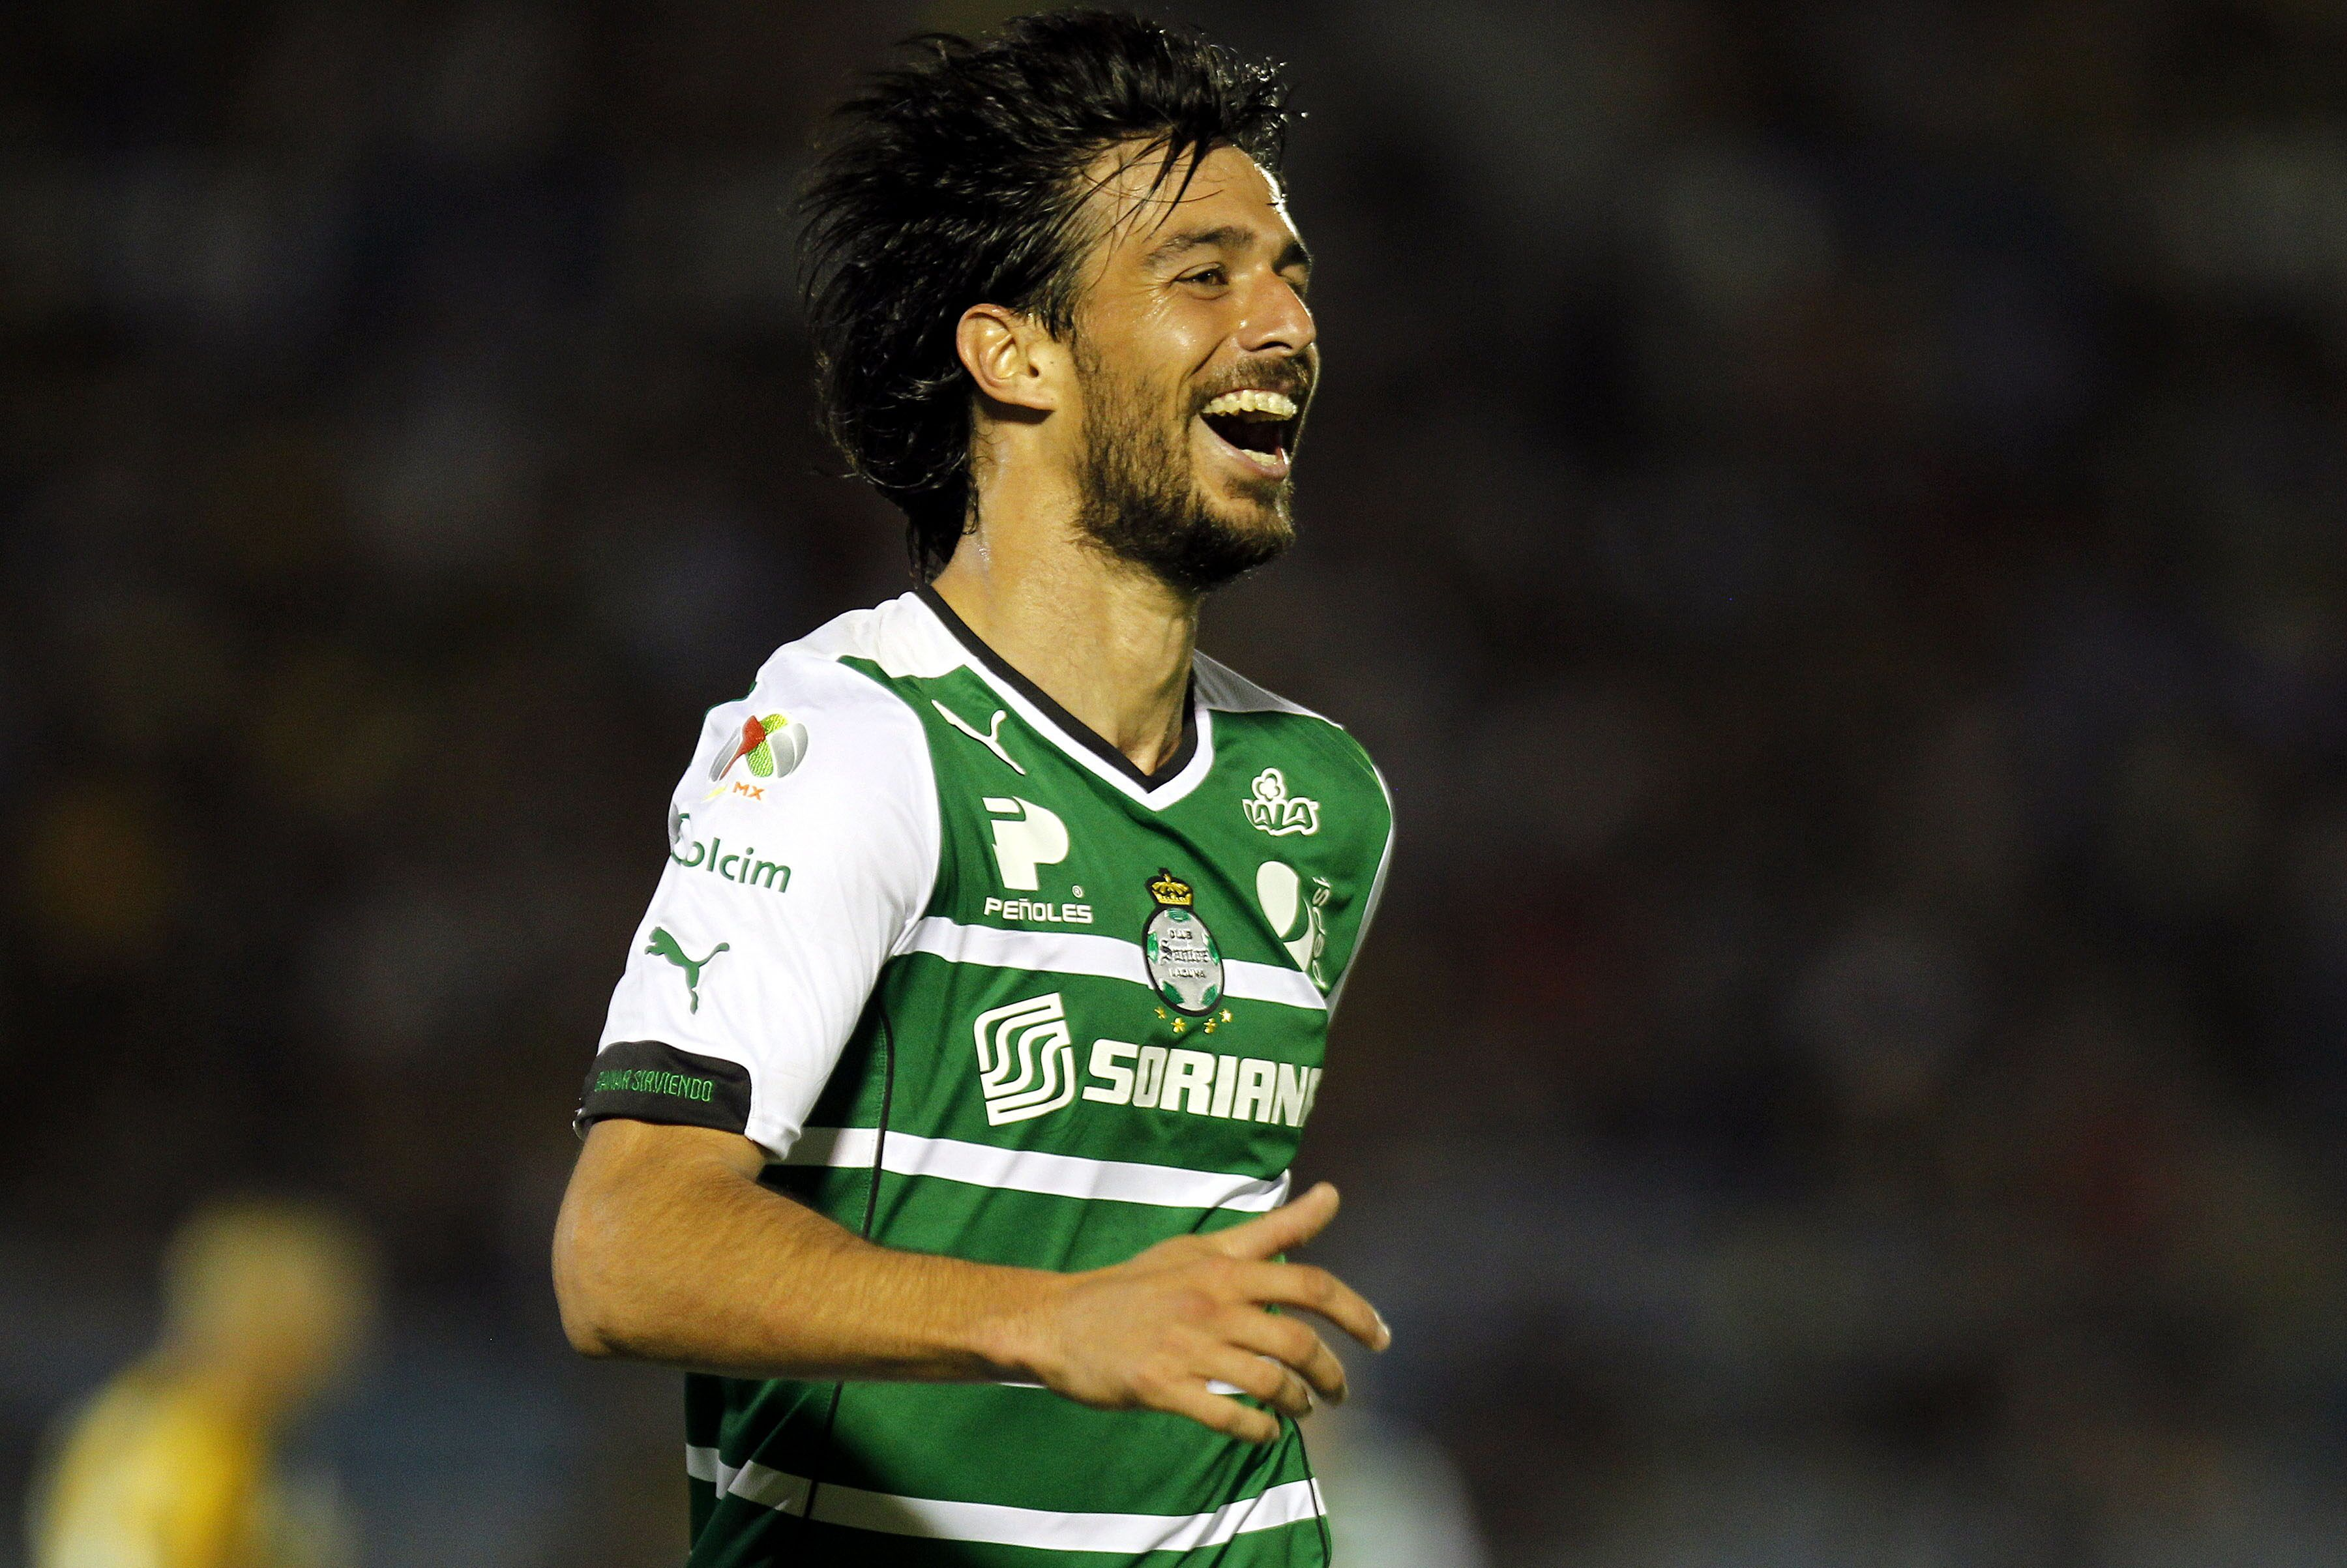 Lacerda llega proveniente del Santos Laguna mexicano. Foto: Goal.com.